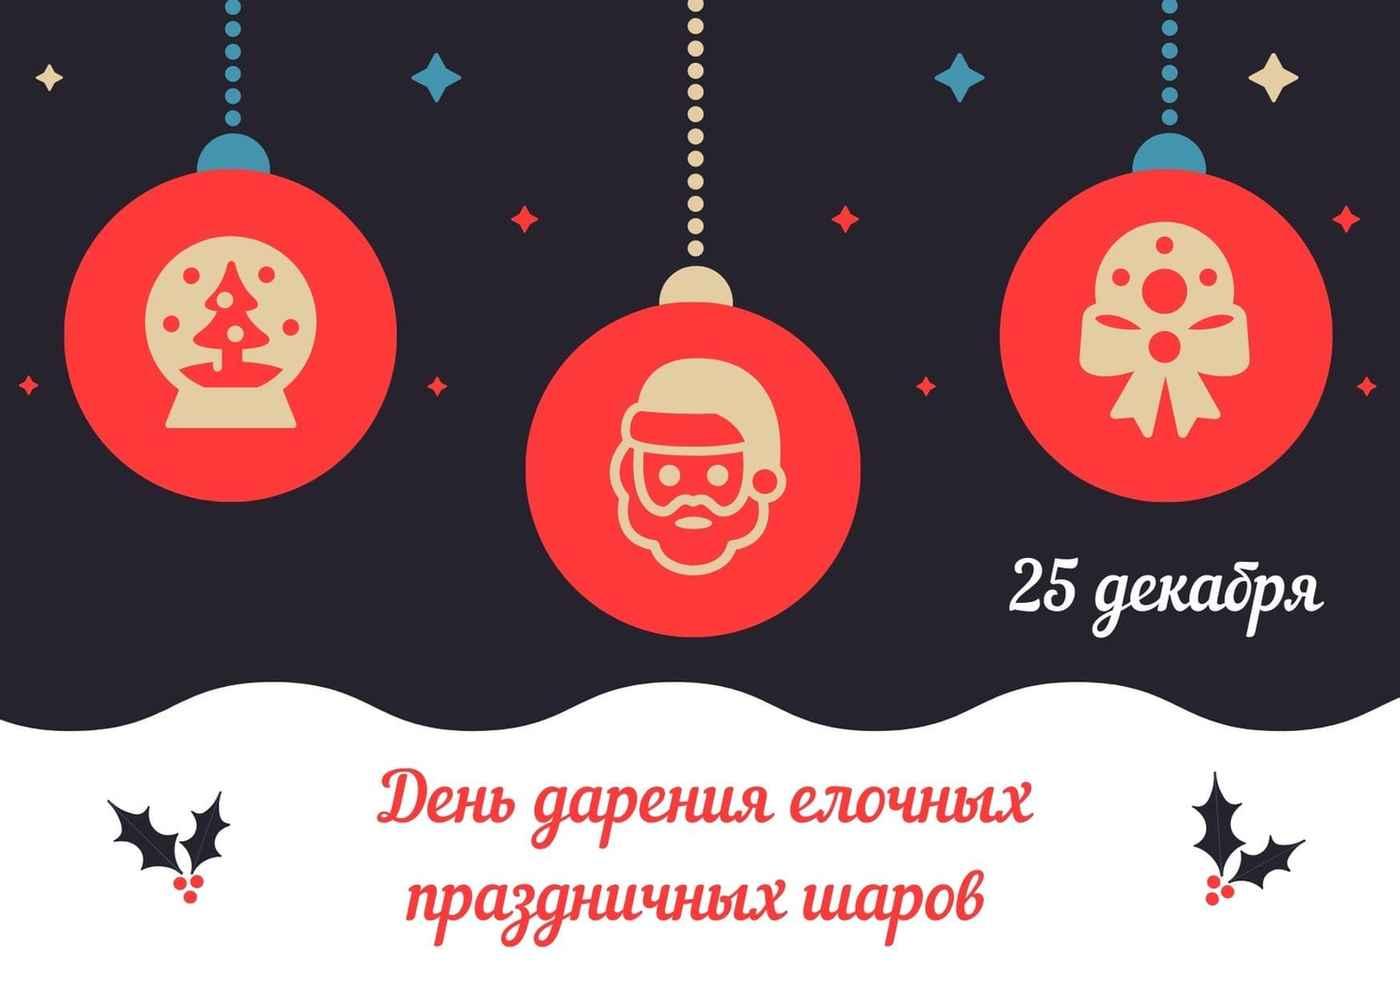 День дарения ёлочных праздничных шаров